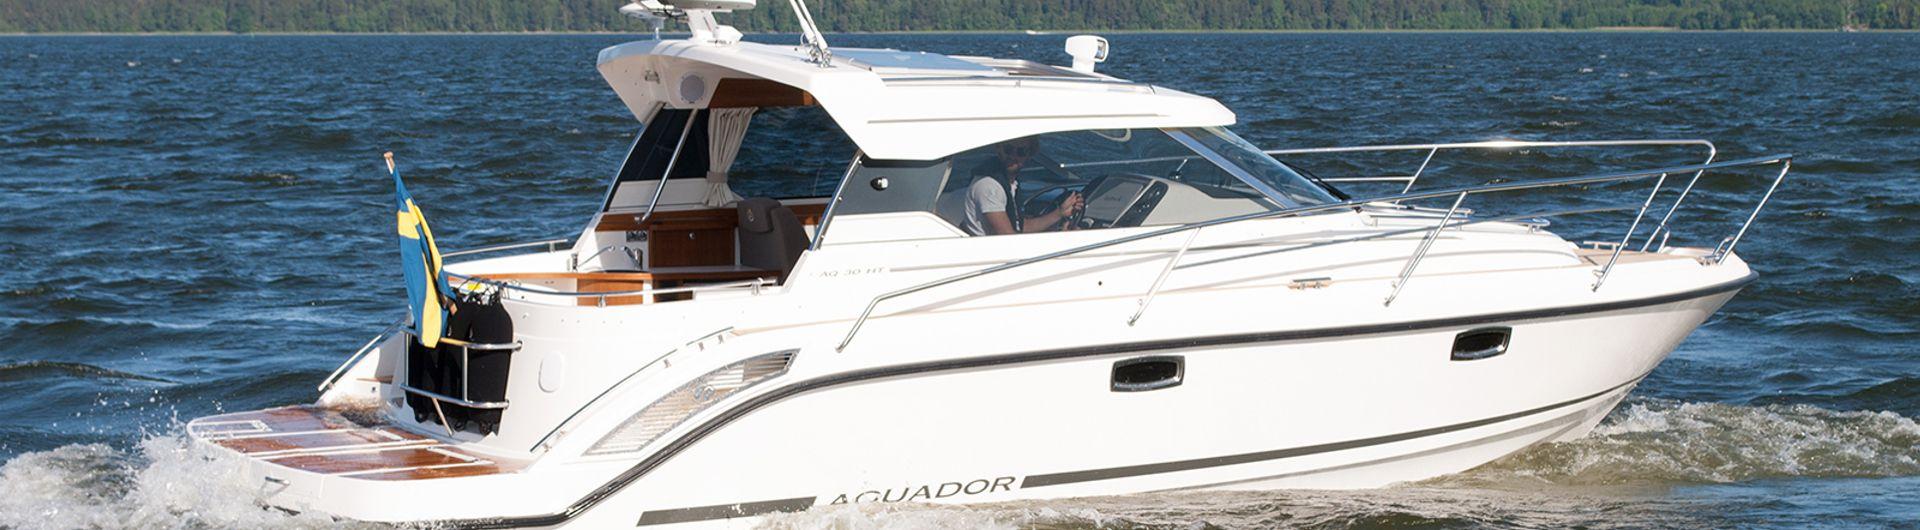 Sportboot Aquador 30HT  header